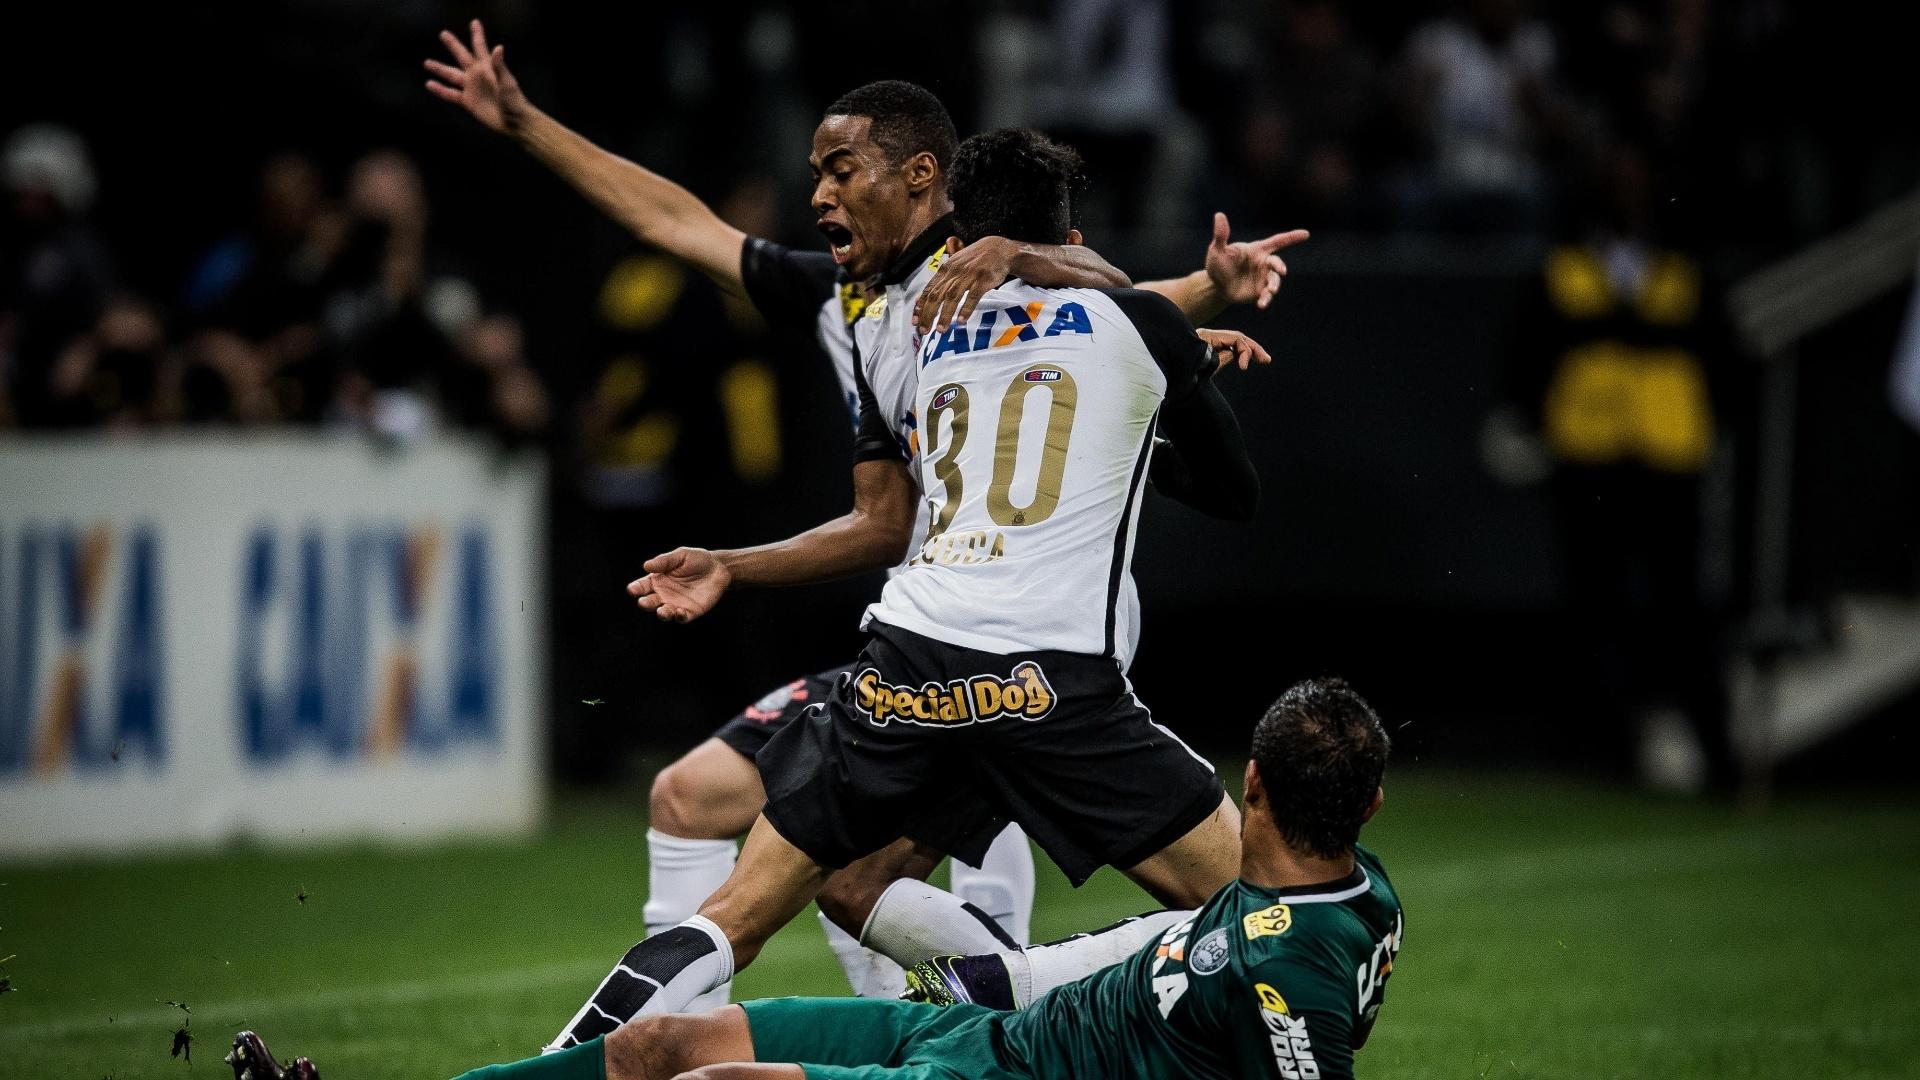 Lucca comemora o gol marcado nos acréscimos, que garantiu vitória do Corinthians